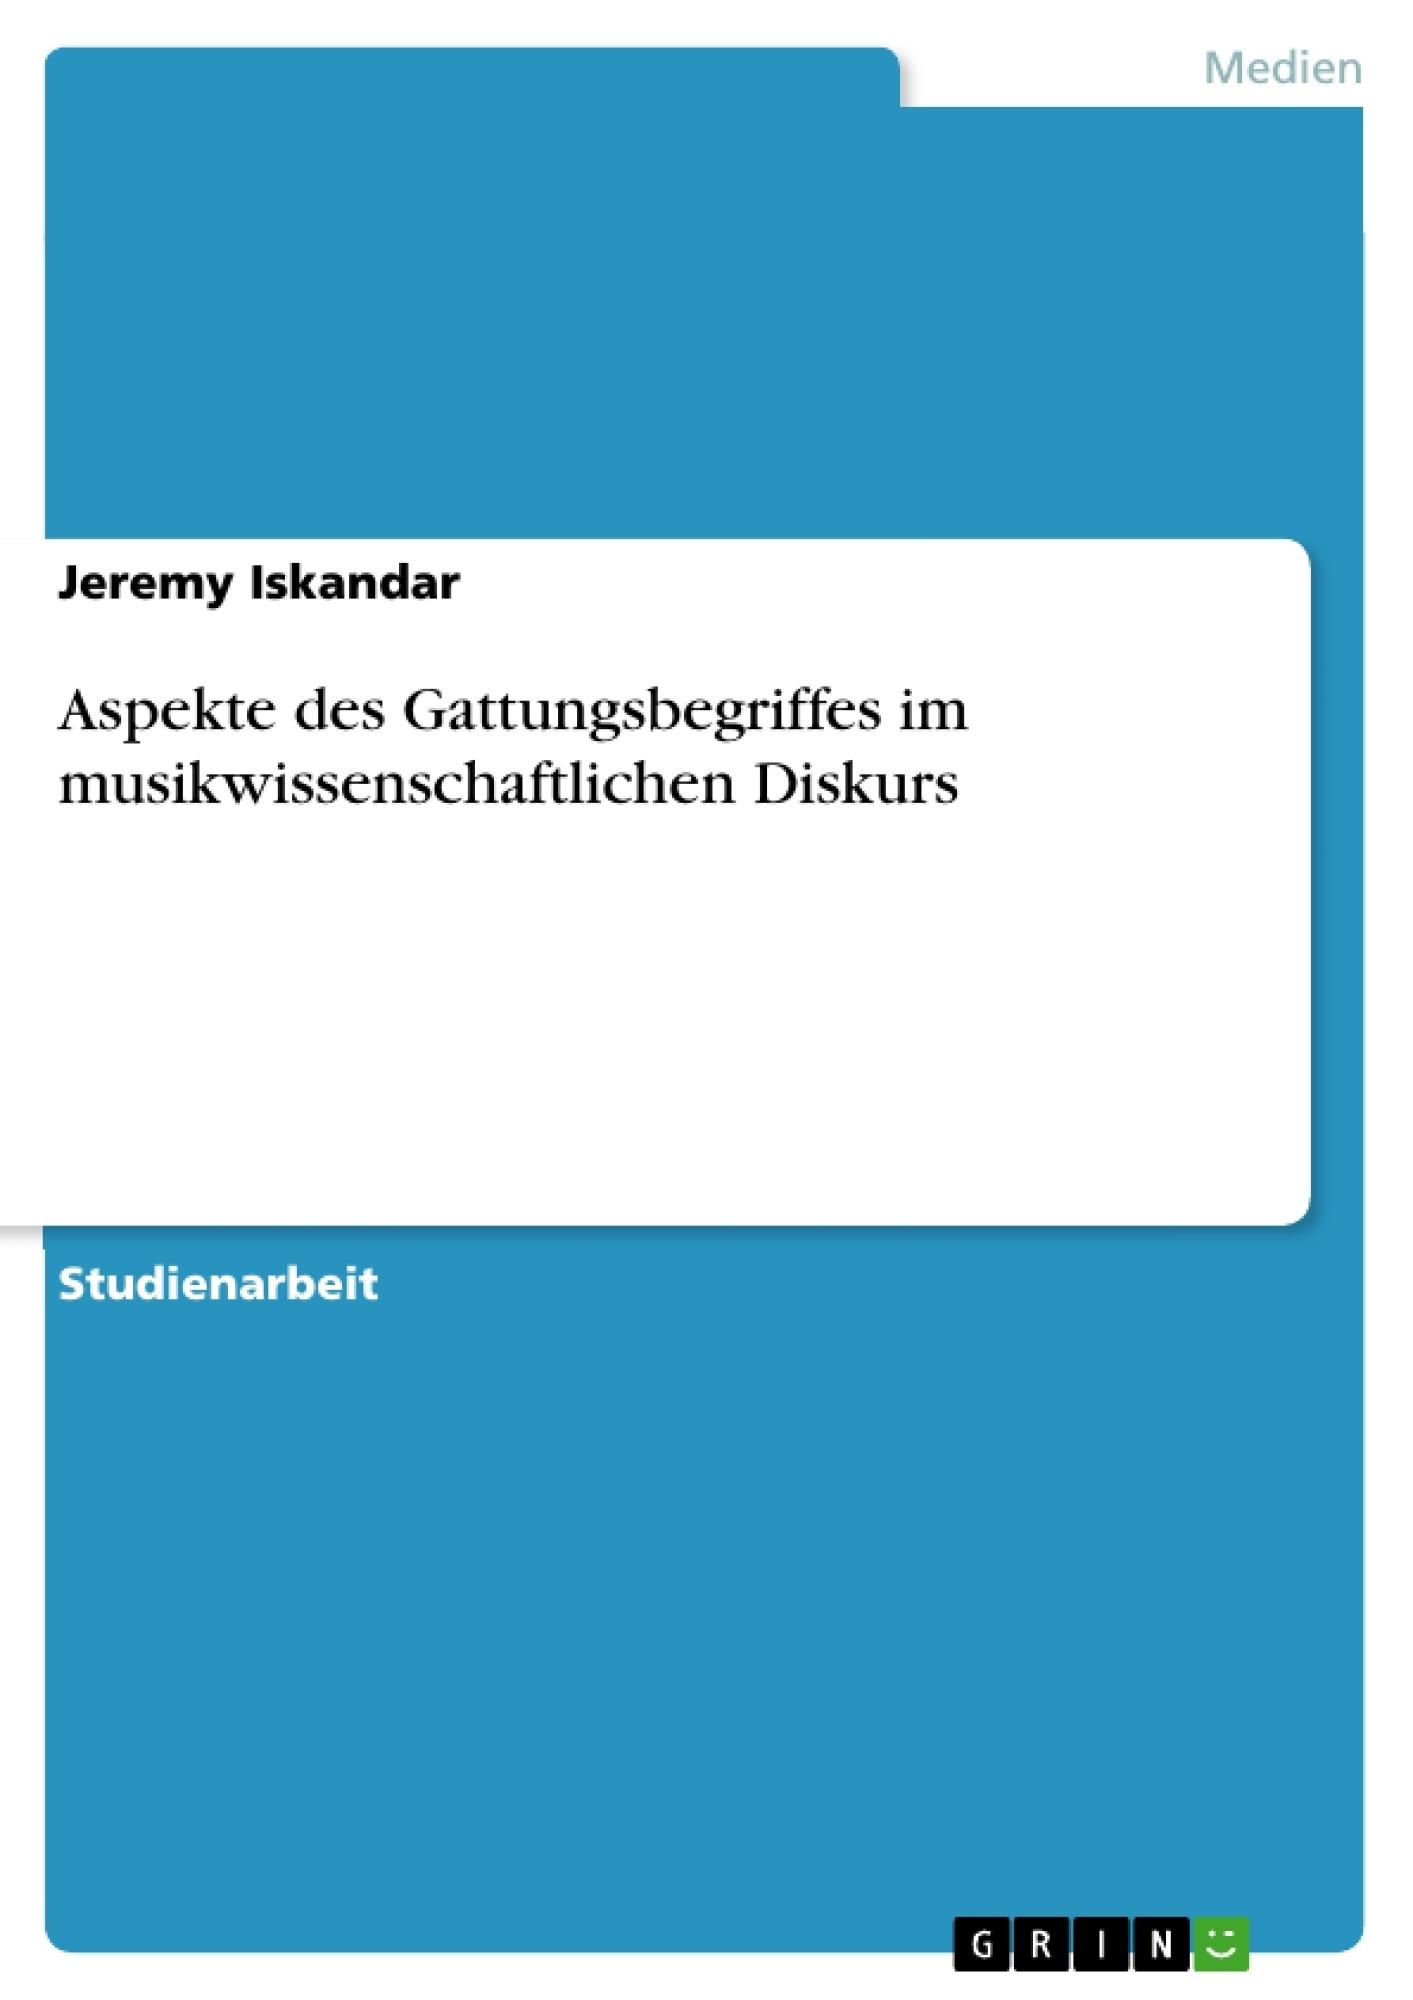 Titel: Aspekte des Gattungsbegriffes im musikwissenschaftlichen Diskurs